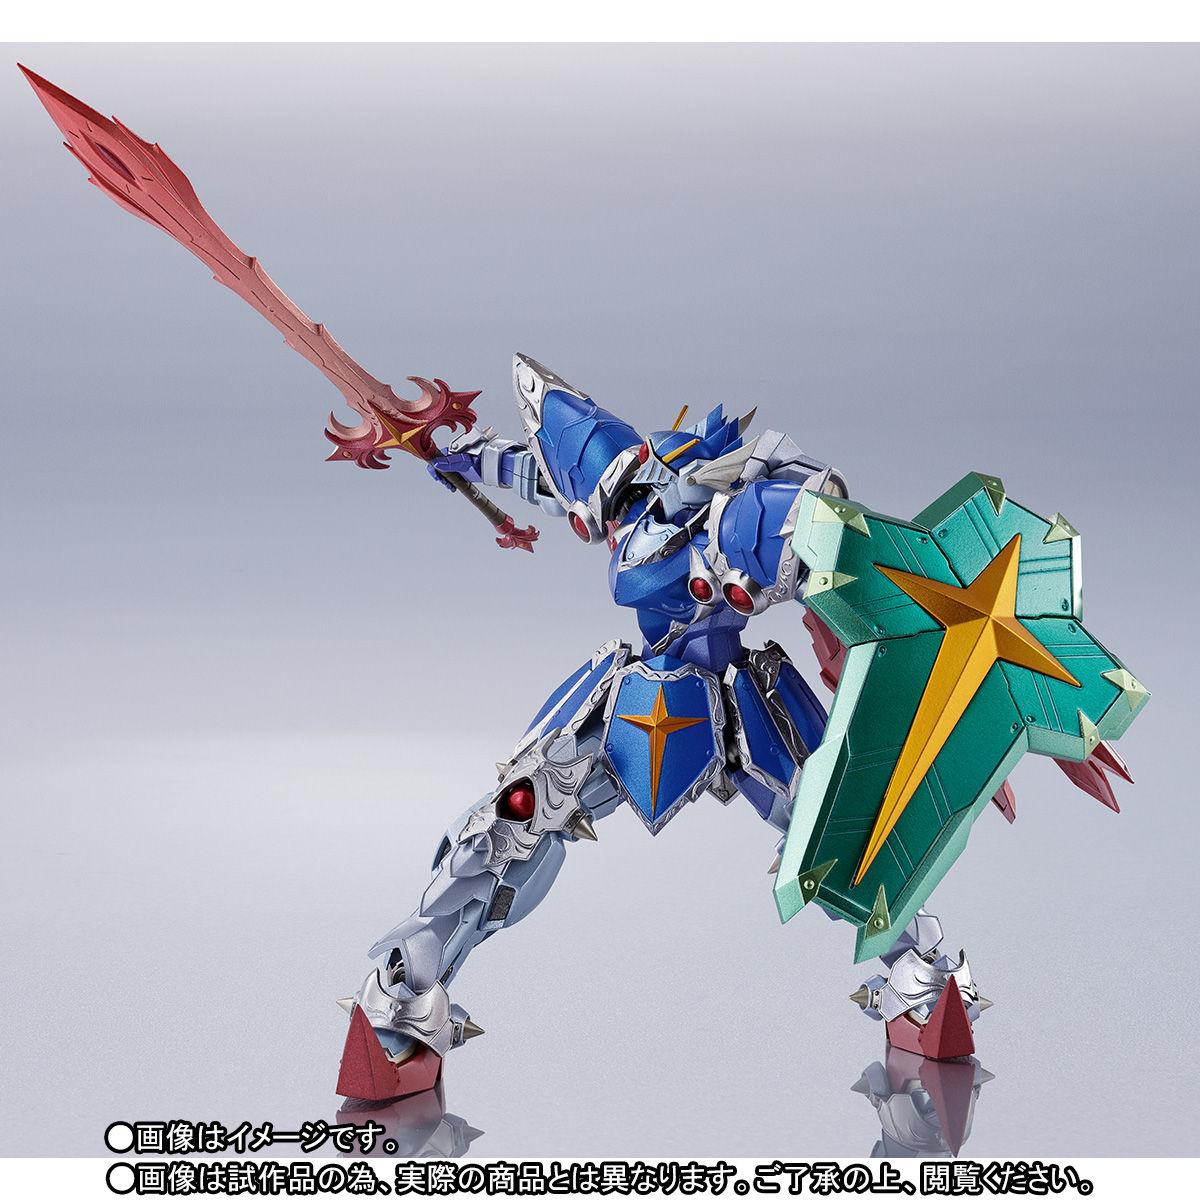 METAL ROBOT魂〈SIDE MS〉『フルアーマー騎士ガンダム(リアルタイプver.)|SDガンダム外伝』可動フィギュア-004